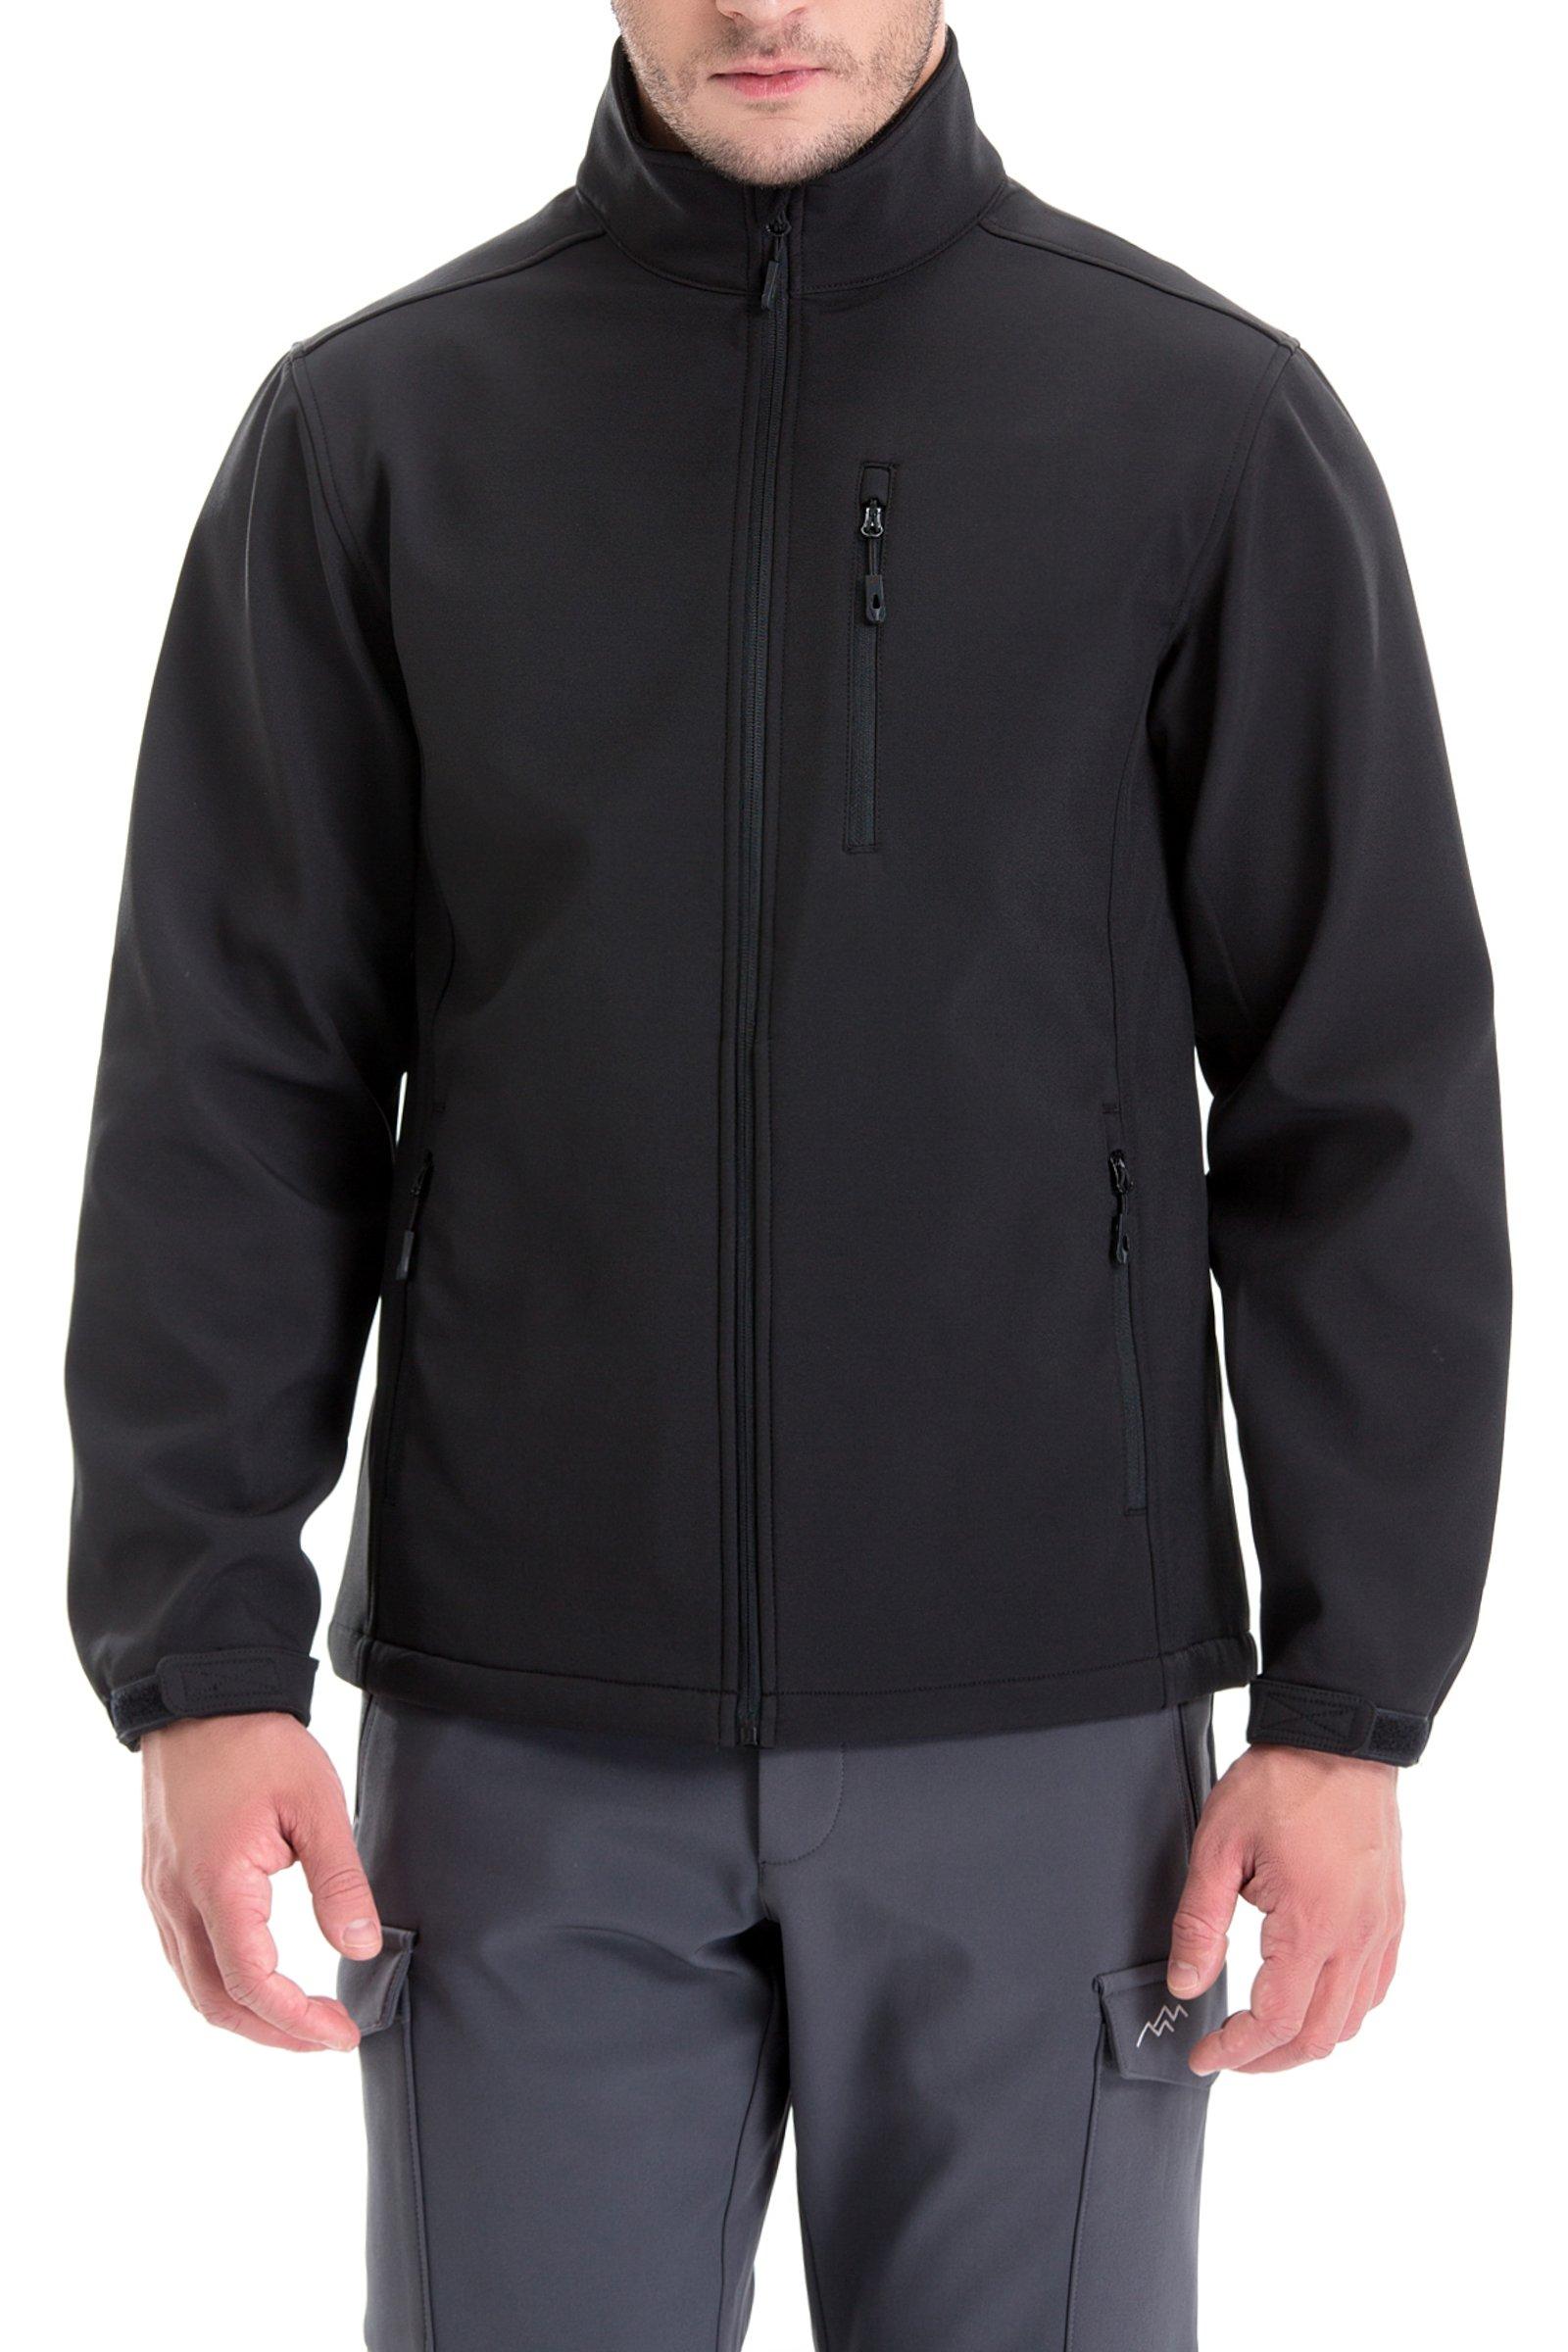 Trailside Supply Co. Men's Windproof Softshell Zip-Front Fleece-Lined Jacket Winter Outerwear Black-2XL by Trailside Supply Co.